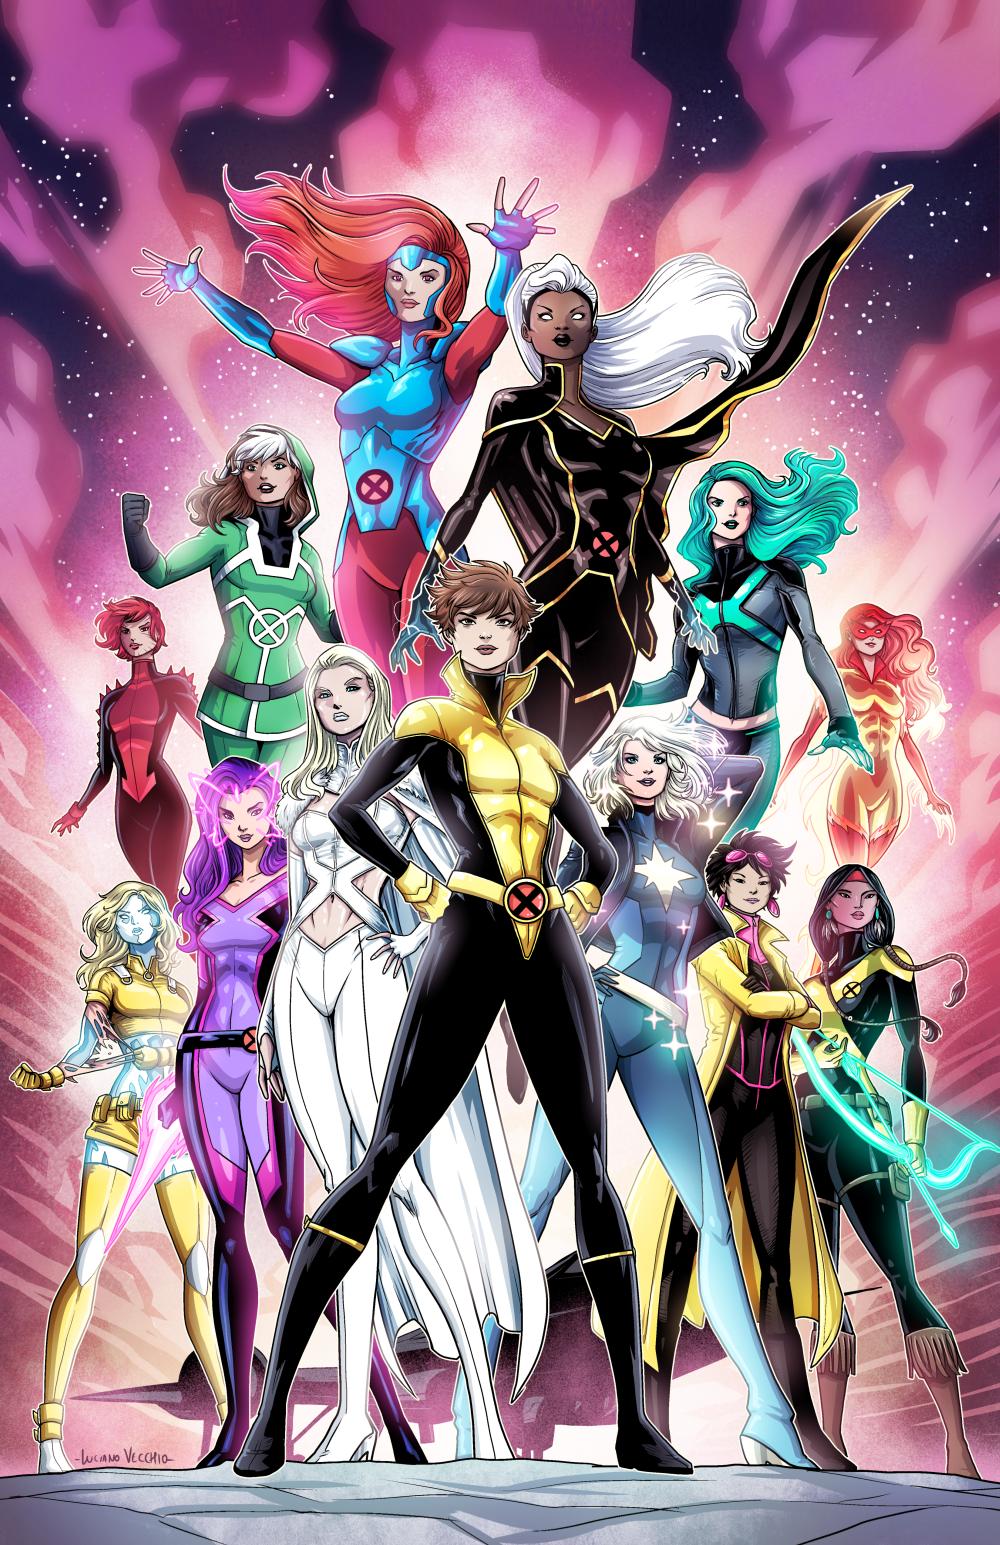 X Women By Lucianovecchio Marvel Heroines Marvel Xmen Marvel Women